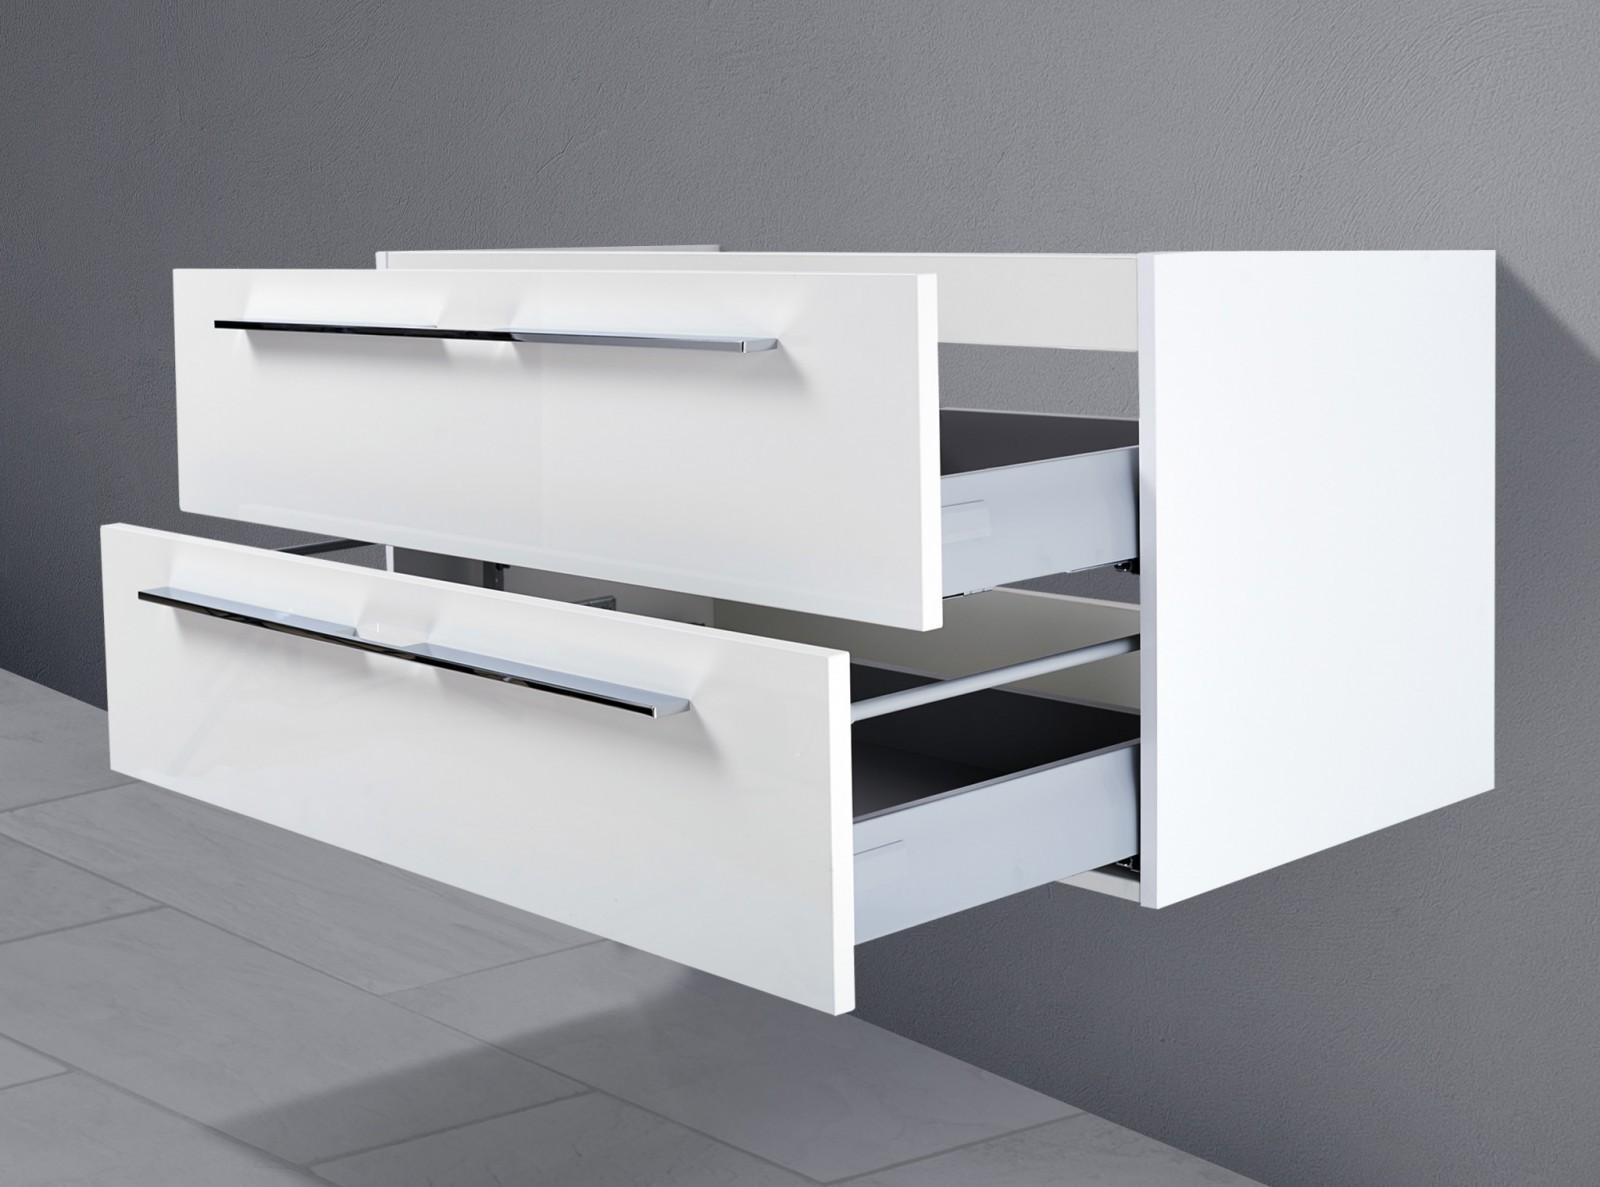 waschtisch unterschrank zu villeroy boch subway 2 0 100 cm waschbeckenunterschrank. Black Bedroom Furniture Sets. Home Design Ideas